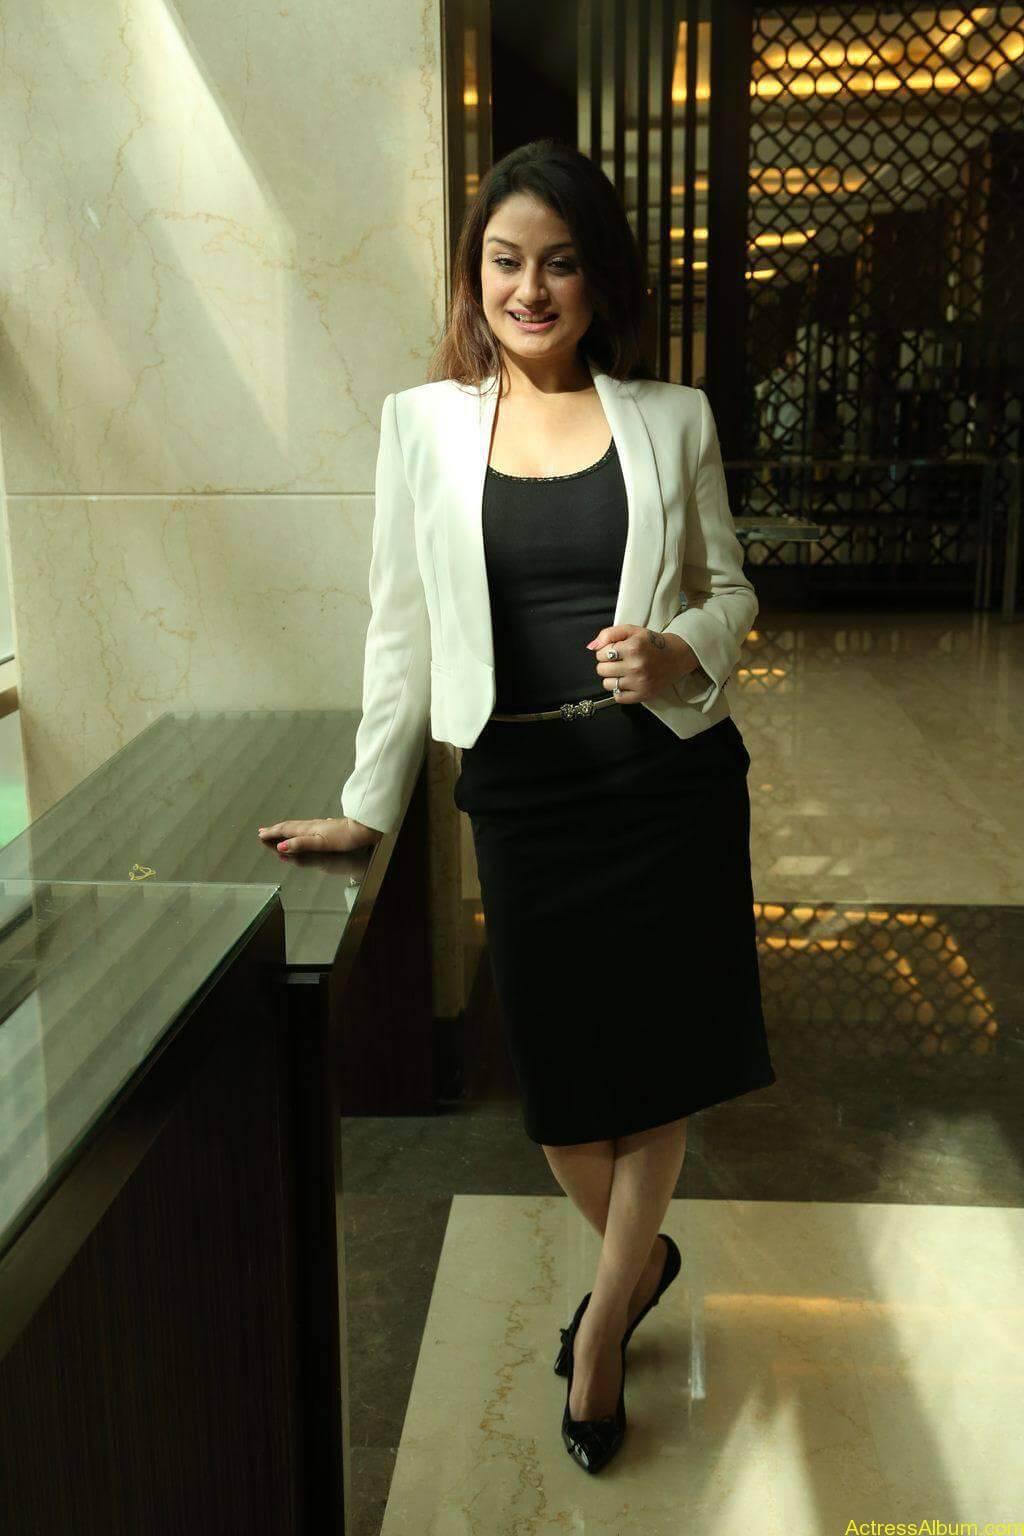 Sonia-Agarwal-Stills-At-Chennai-Fashion-Week-Press-Meet-03